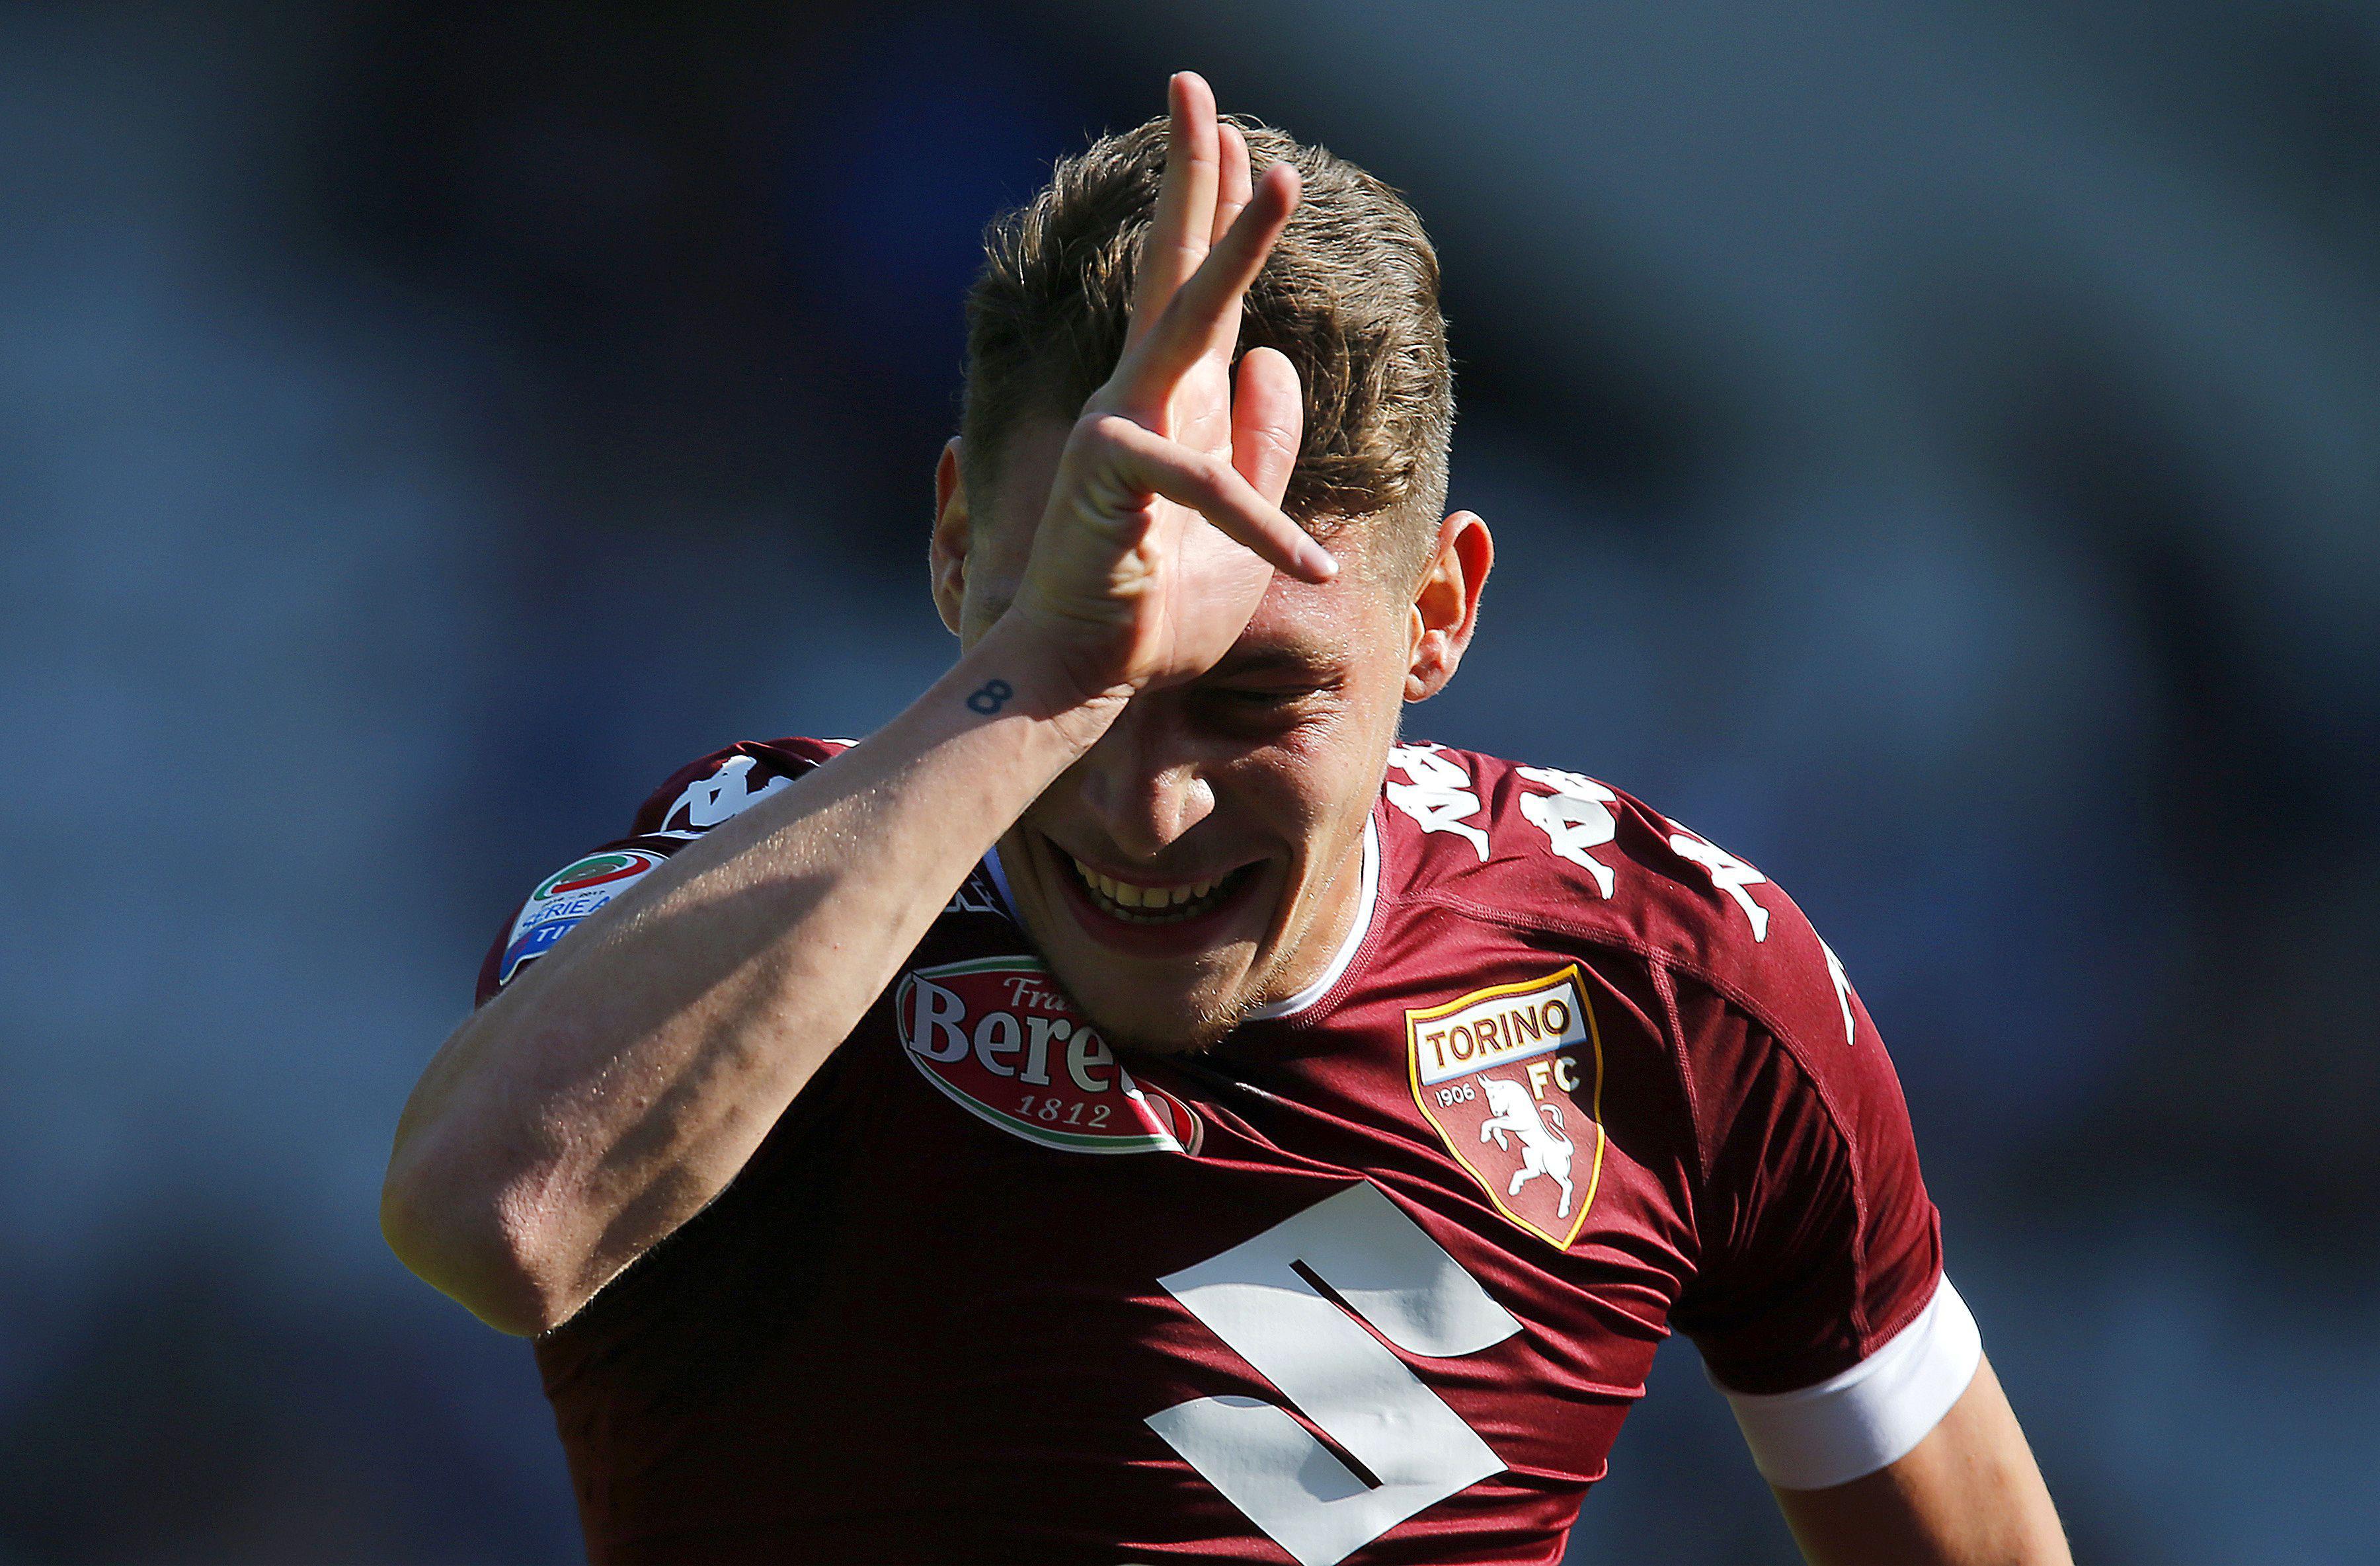 Il Toro vola con Belotti e Iago, Roma ko 3-1. Totti entra in campo, ovazione dello stadio